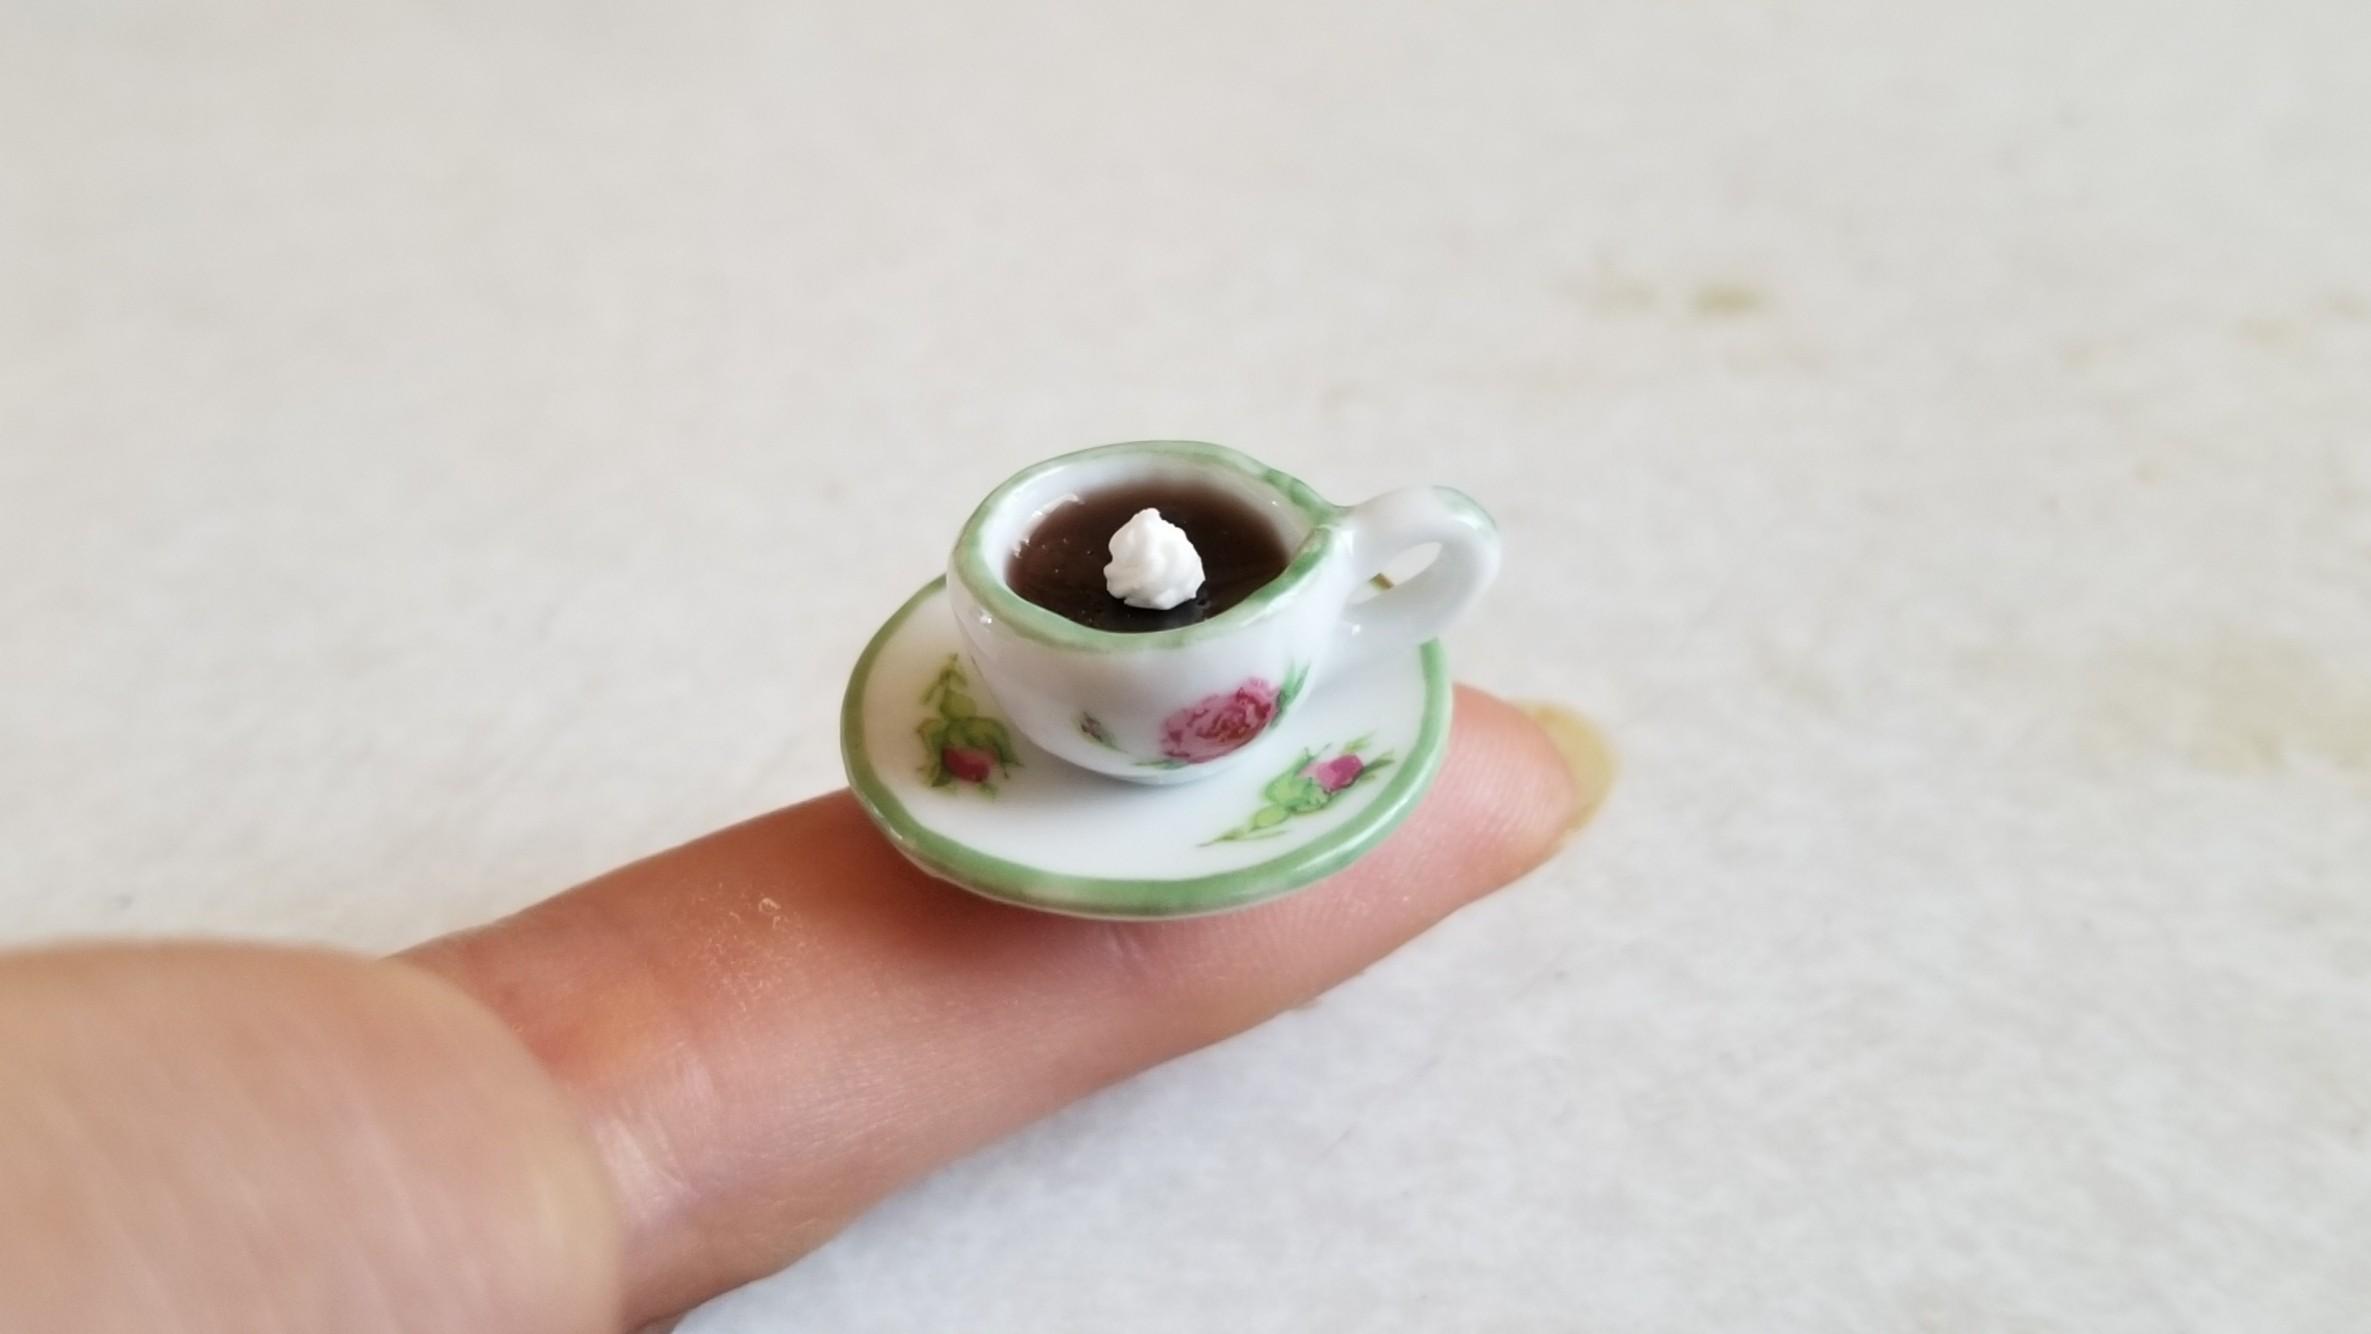 ミニチュアフードドール用品小物ミンネ販売おすすめ人気かわいい